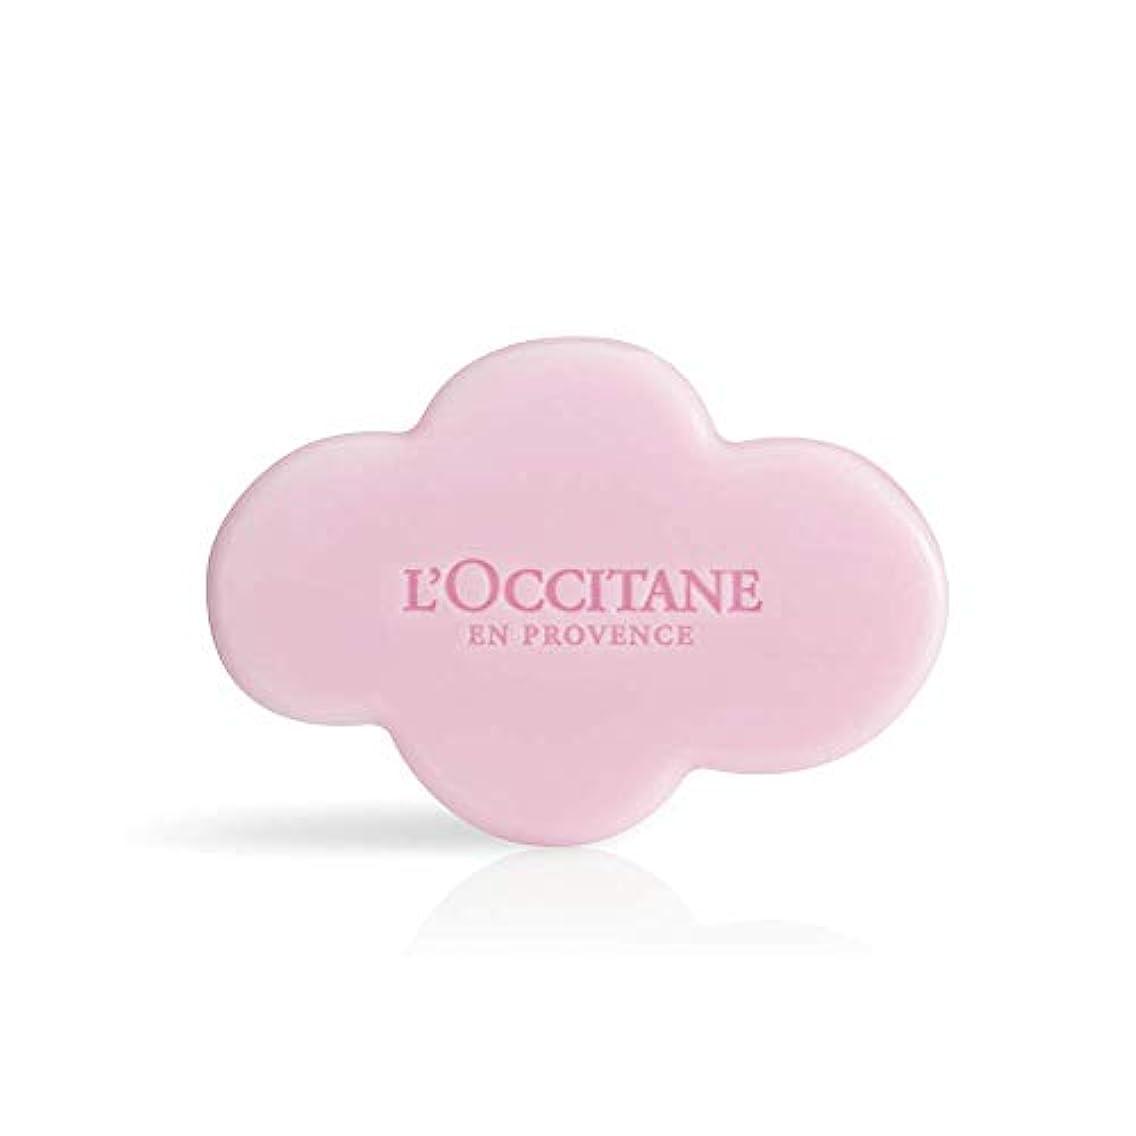 背骨ええ竜巻ロクシタン(L'OCCITANE) フェスティブガーデン シア ソープ 150g 石鹸 スパークリングフローラル